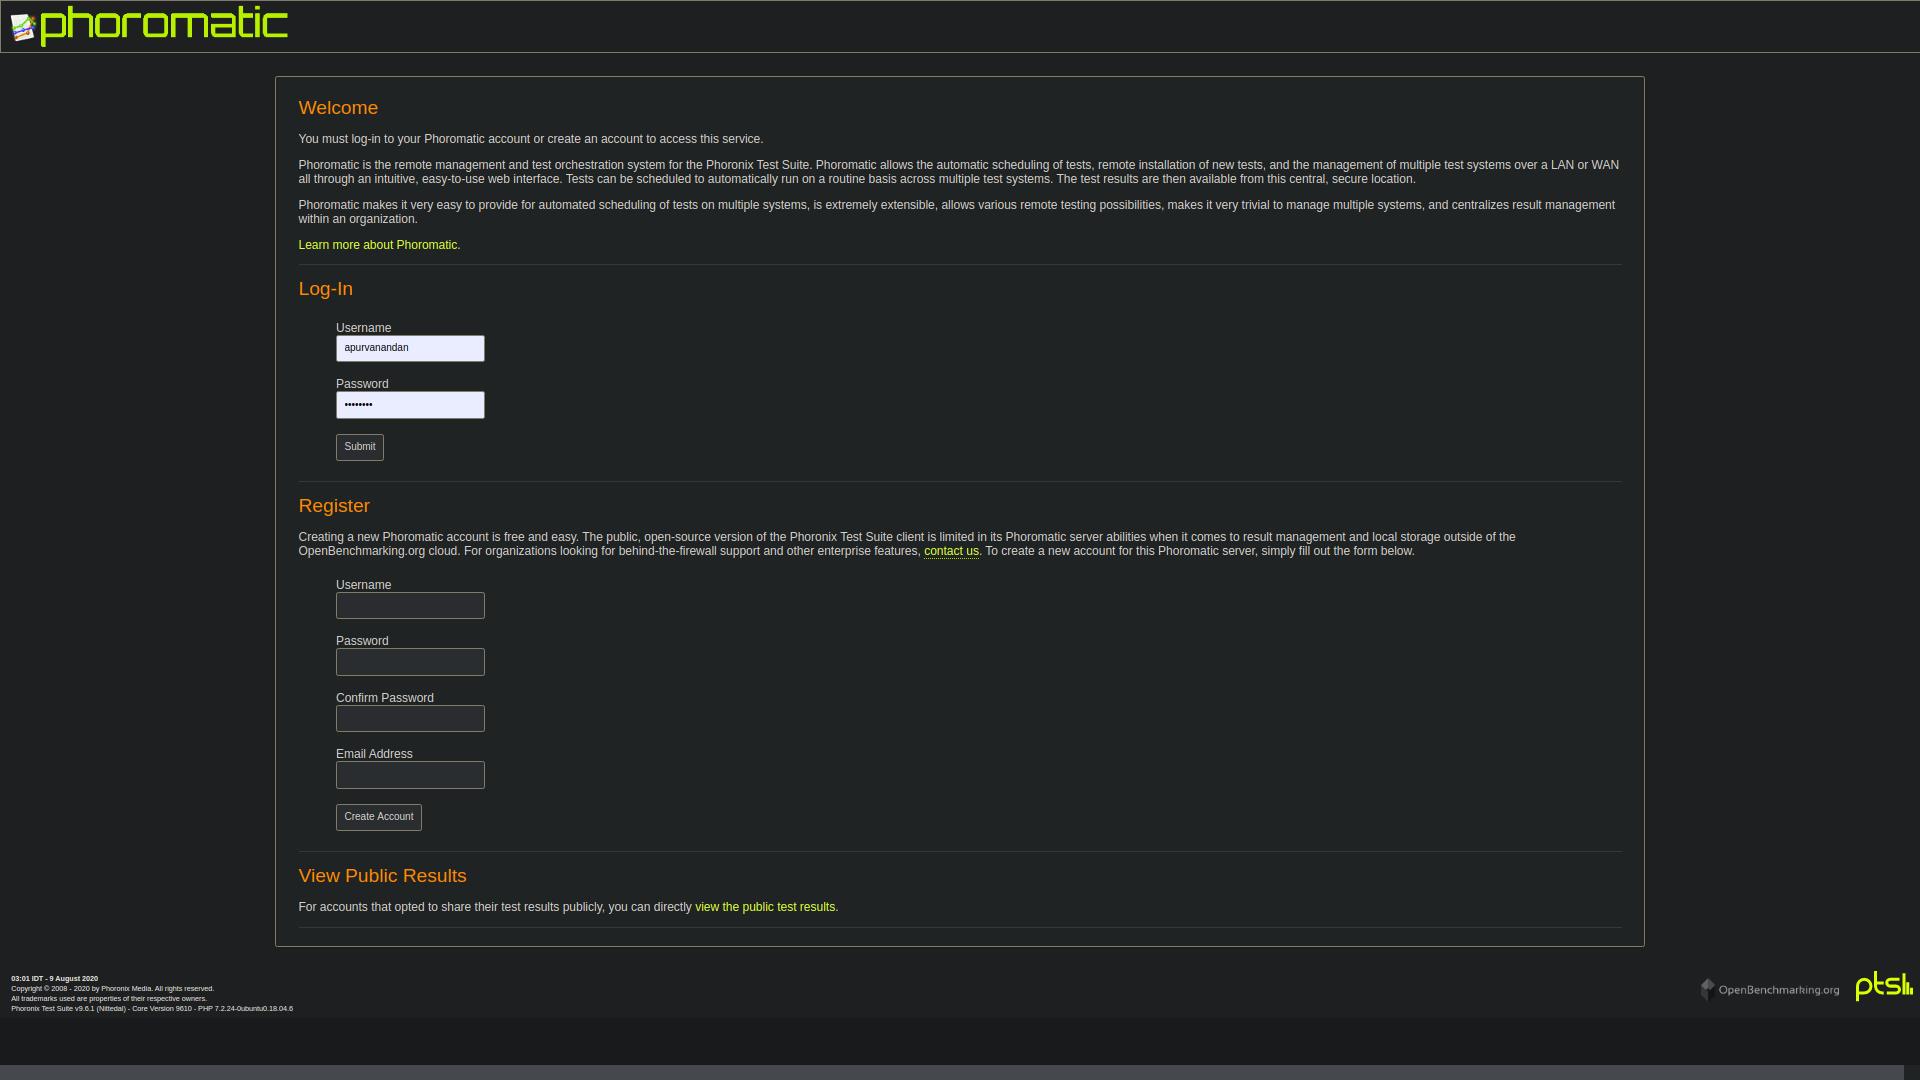 Phoromatic login page image